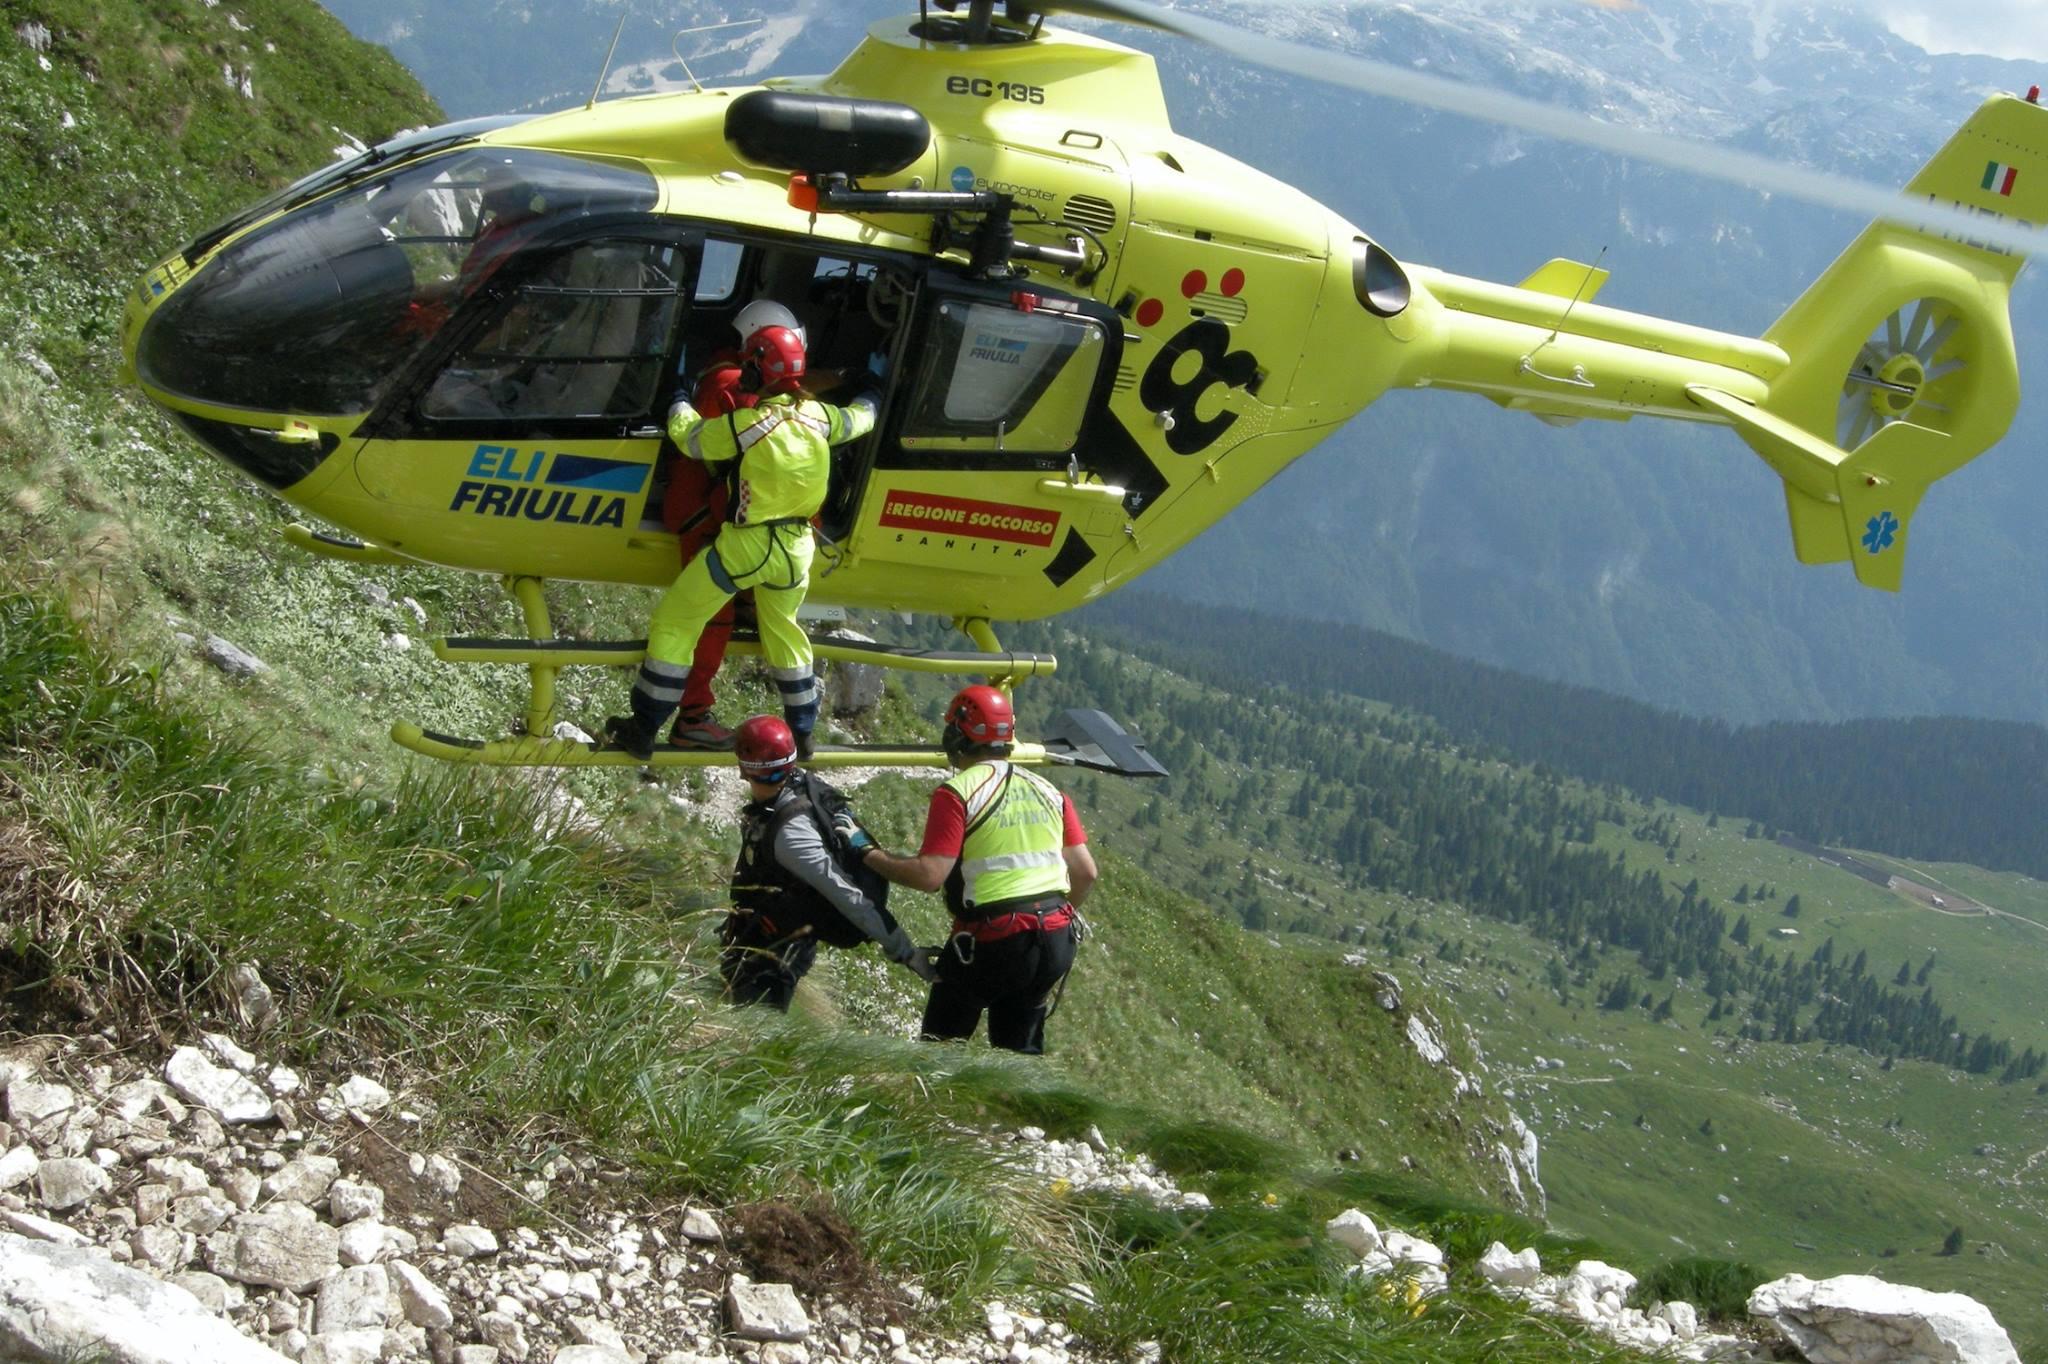 Soccorso Alpino FVG: una nuova legge regionale cambia marcia al soccorso